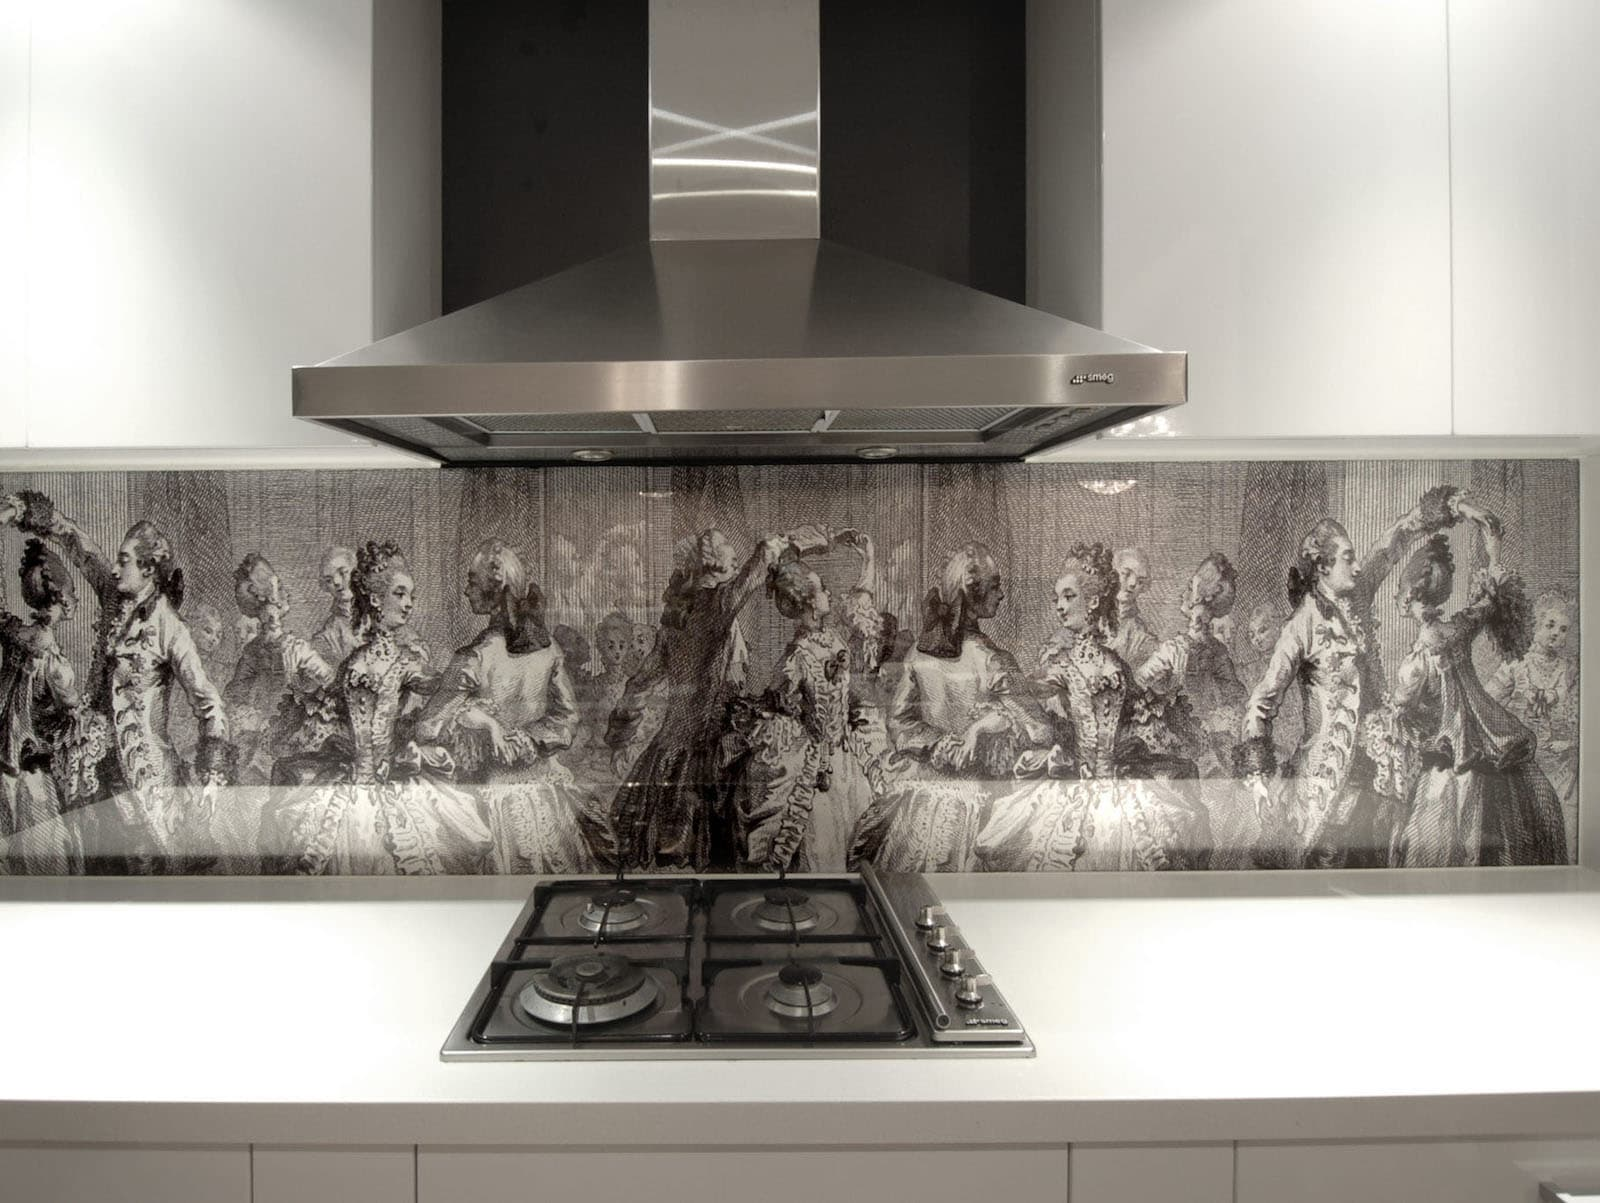 Кухонный фартук из личных фотографий глубину